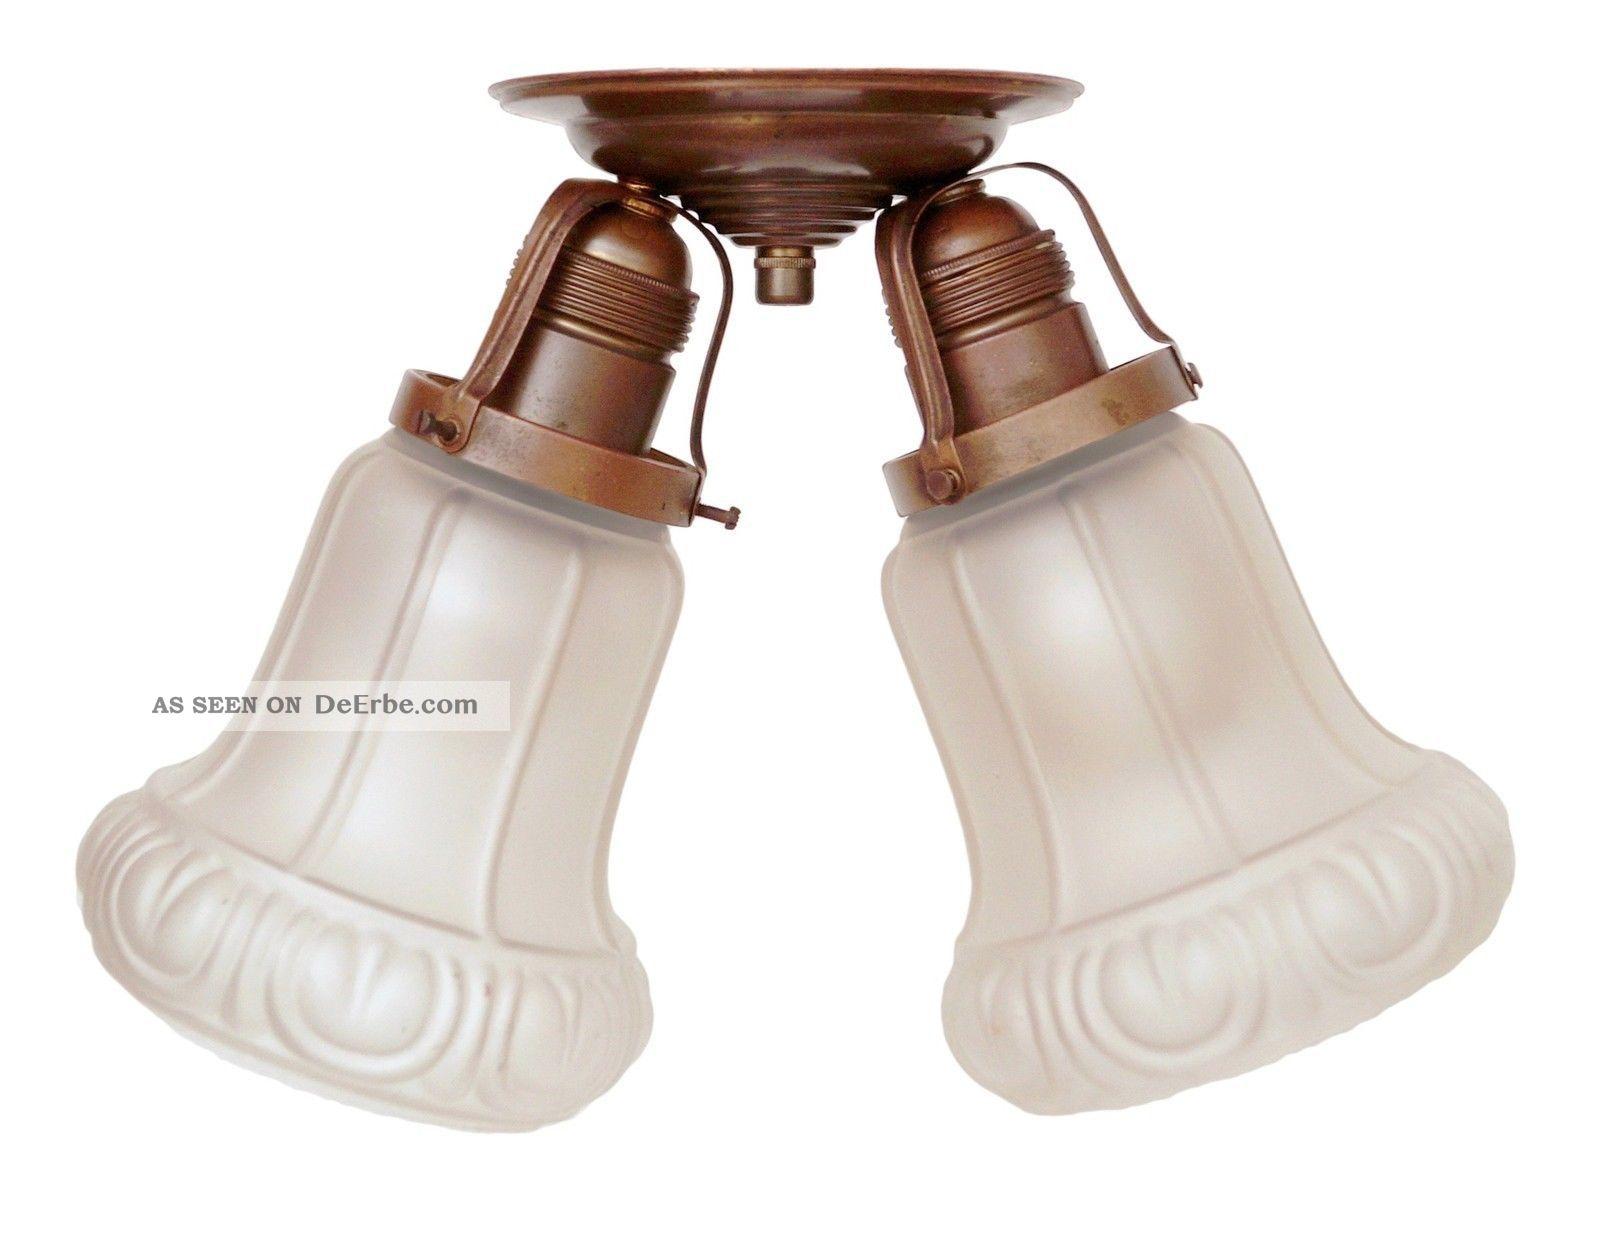 Sehr Seltene Jugendstil Deckenlampe Hängeleuchte Um 1900 Antike Originale vor 1945 Bild